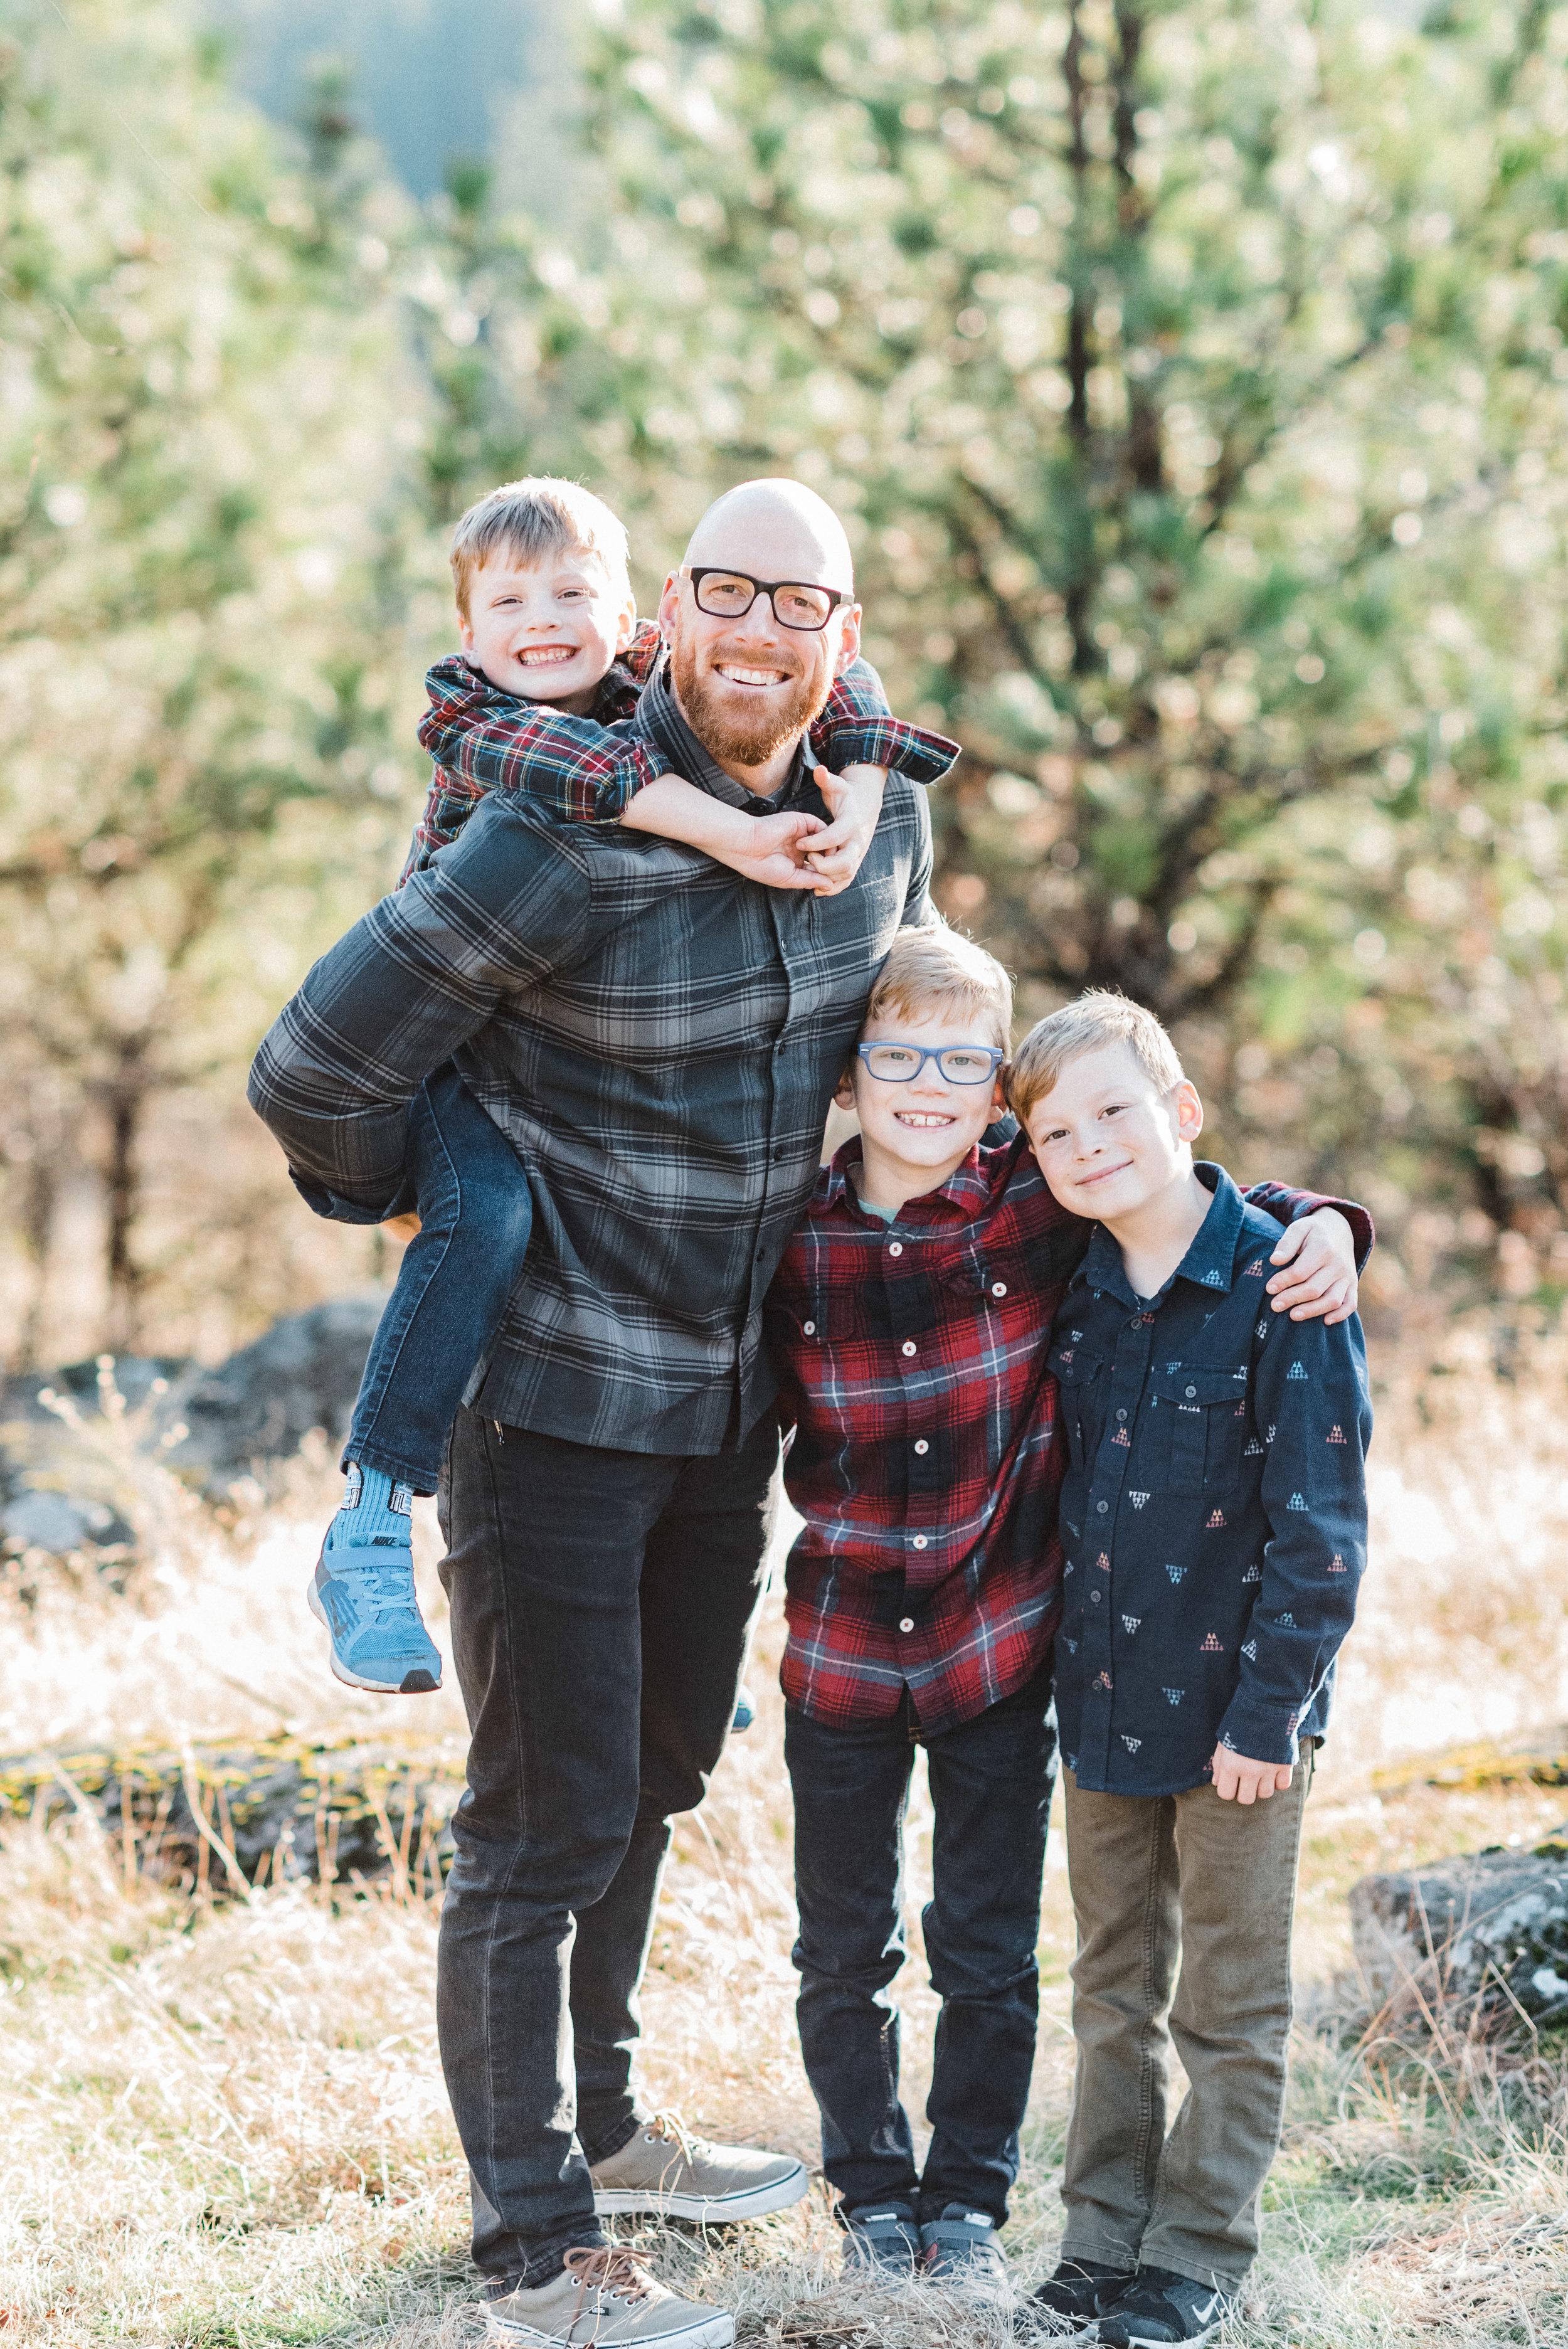 spokane_family_photographer_longmeier (14 of 19).jpg